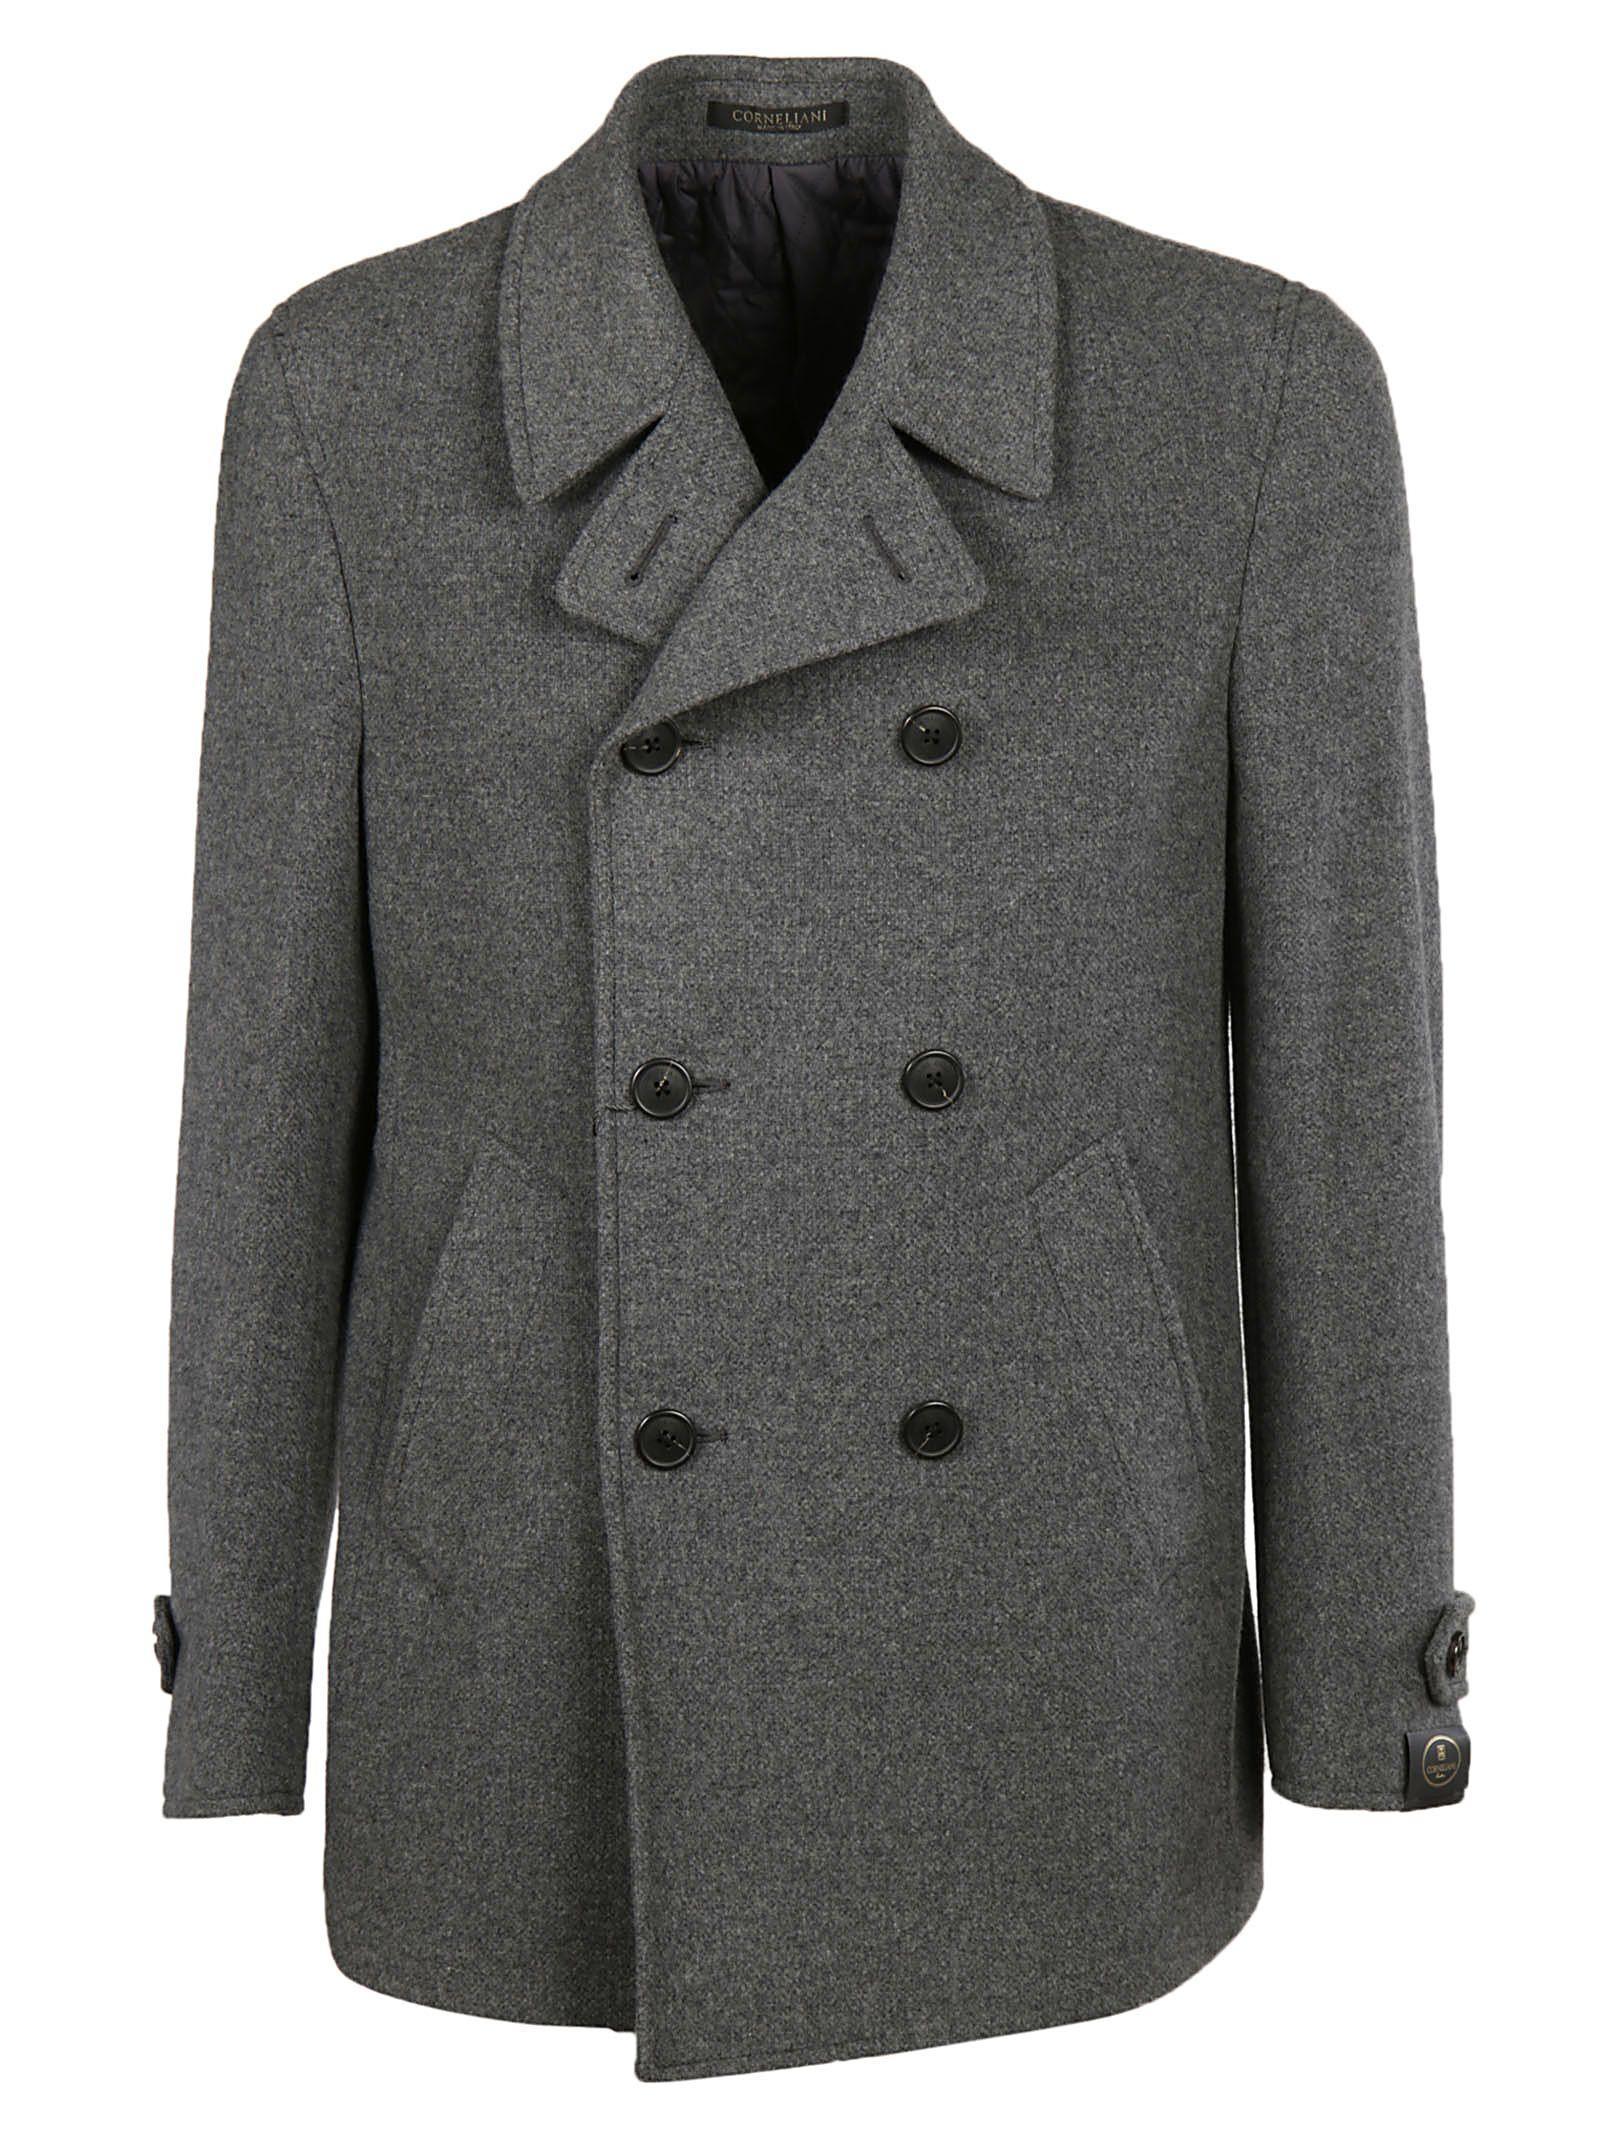 Corneliani Classic Peacoat In Grey